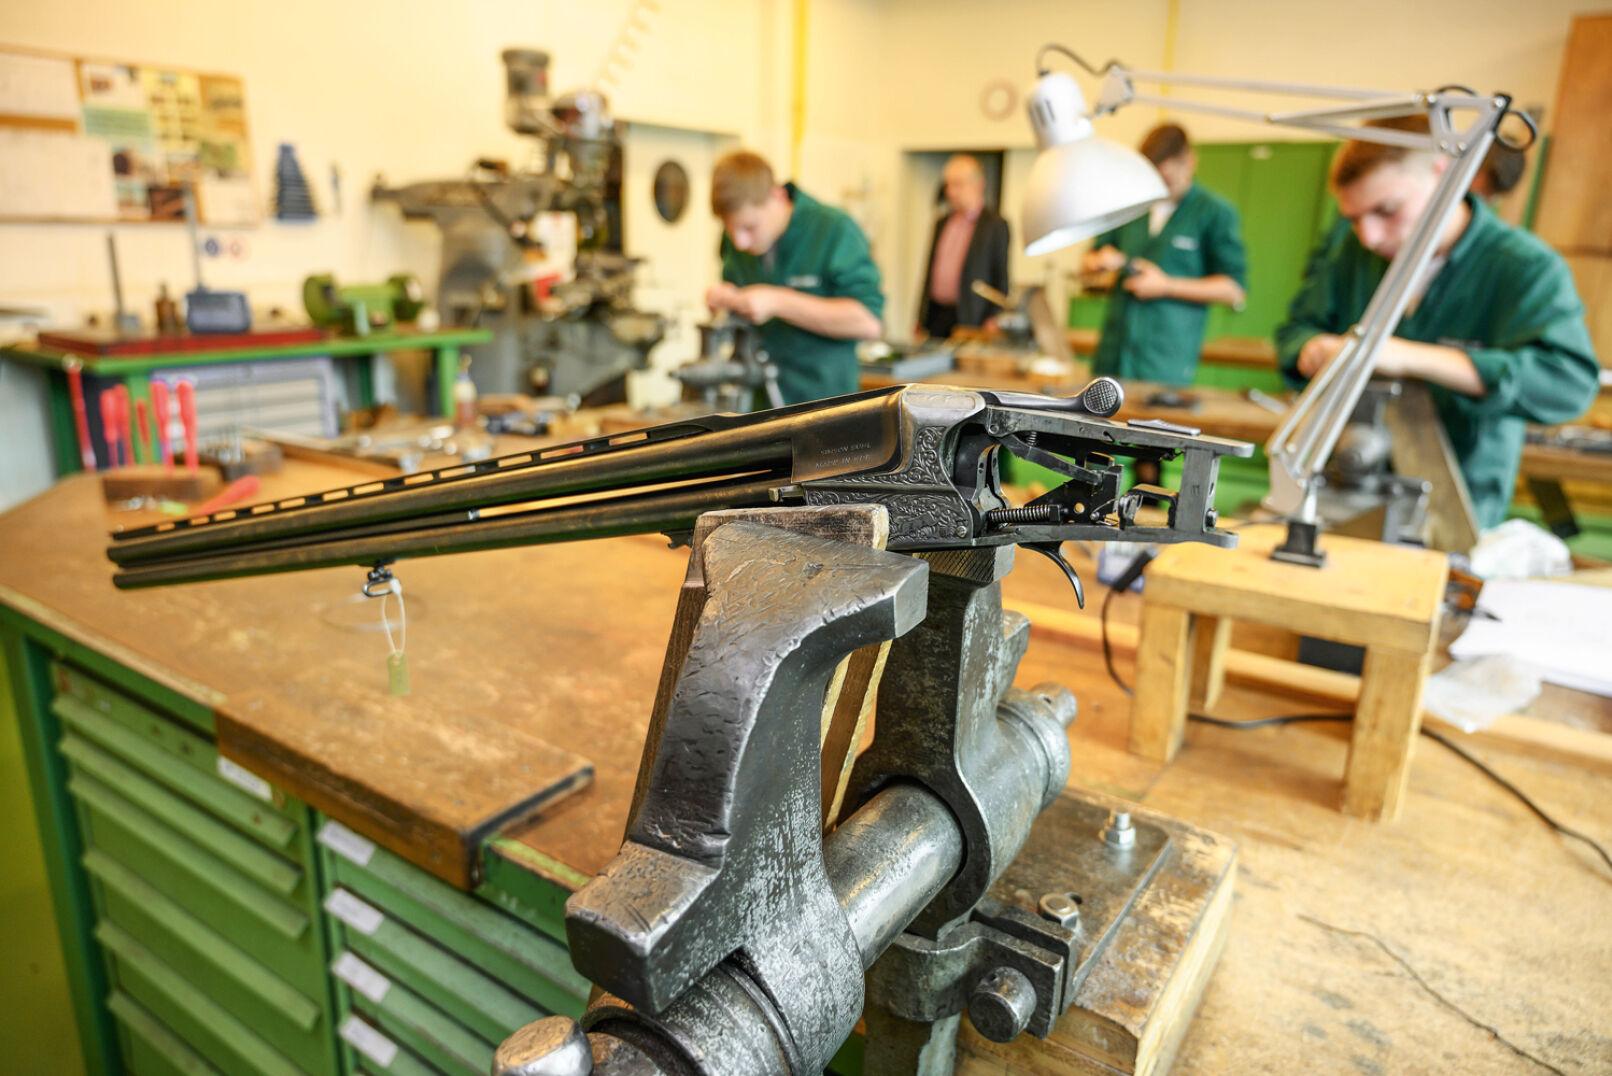 """""""In die Schulwaffen bauen wir einen französischen Stecher ein"""", erklärt Werkstättenleiter Pfeiffer. - © Barbara Marko"""